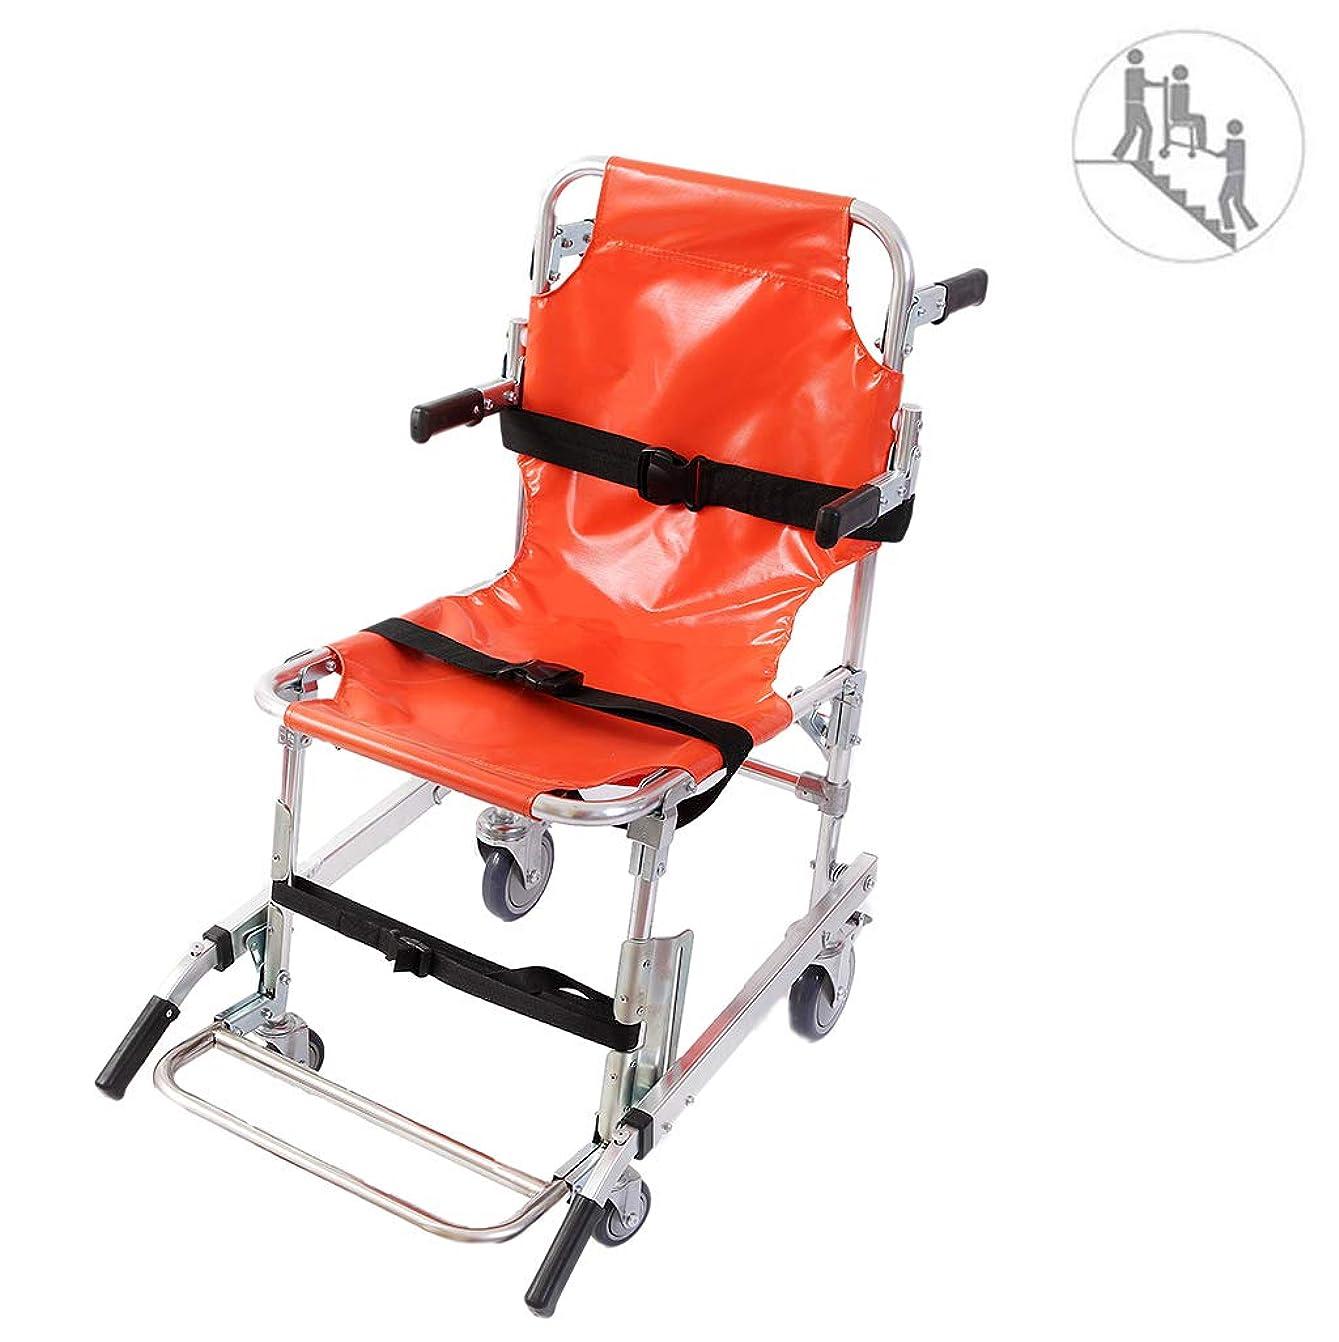 ツールセイはさておき草EMS階段椅子4つの車輪で、救急車避難医療輸送椅子患者拘束ストラップ付き350ポンドの容量